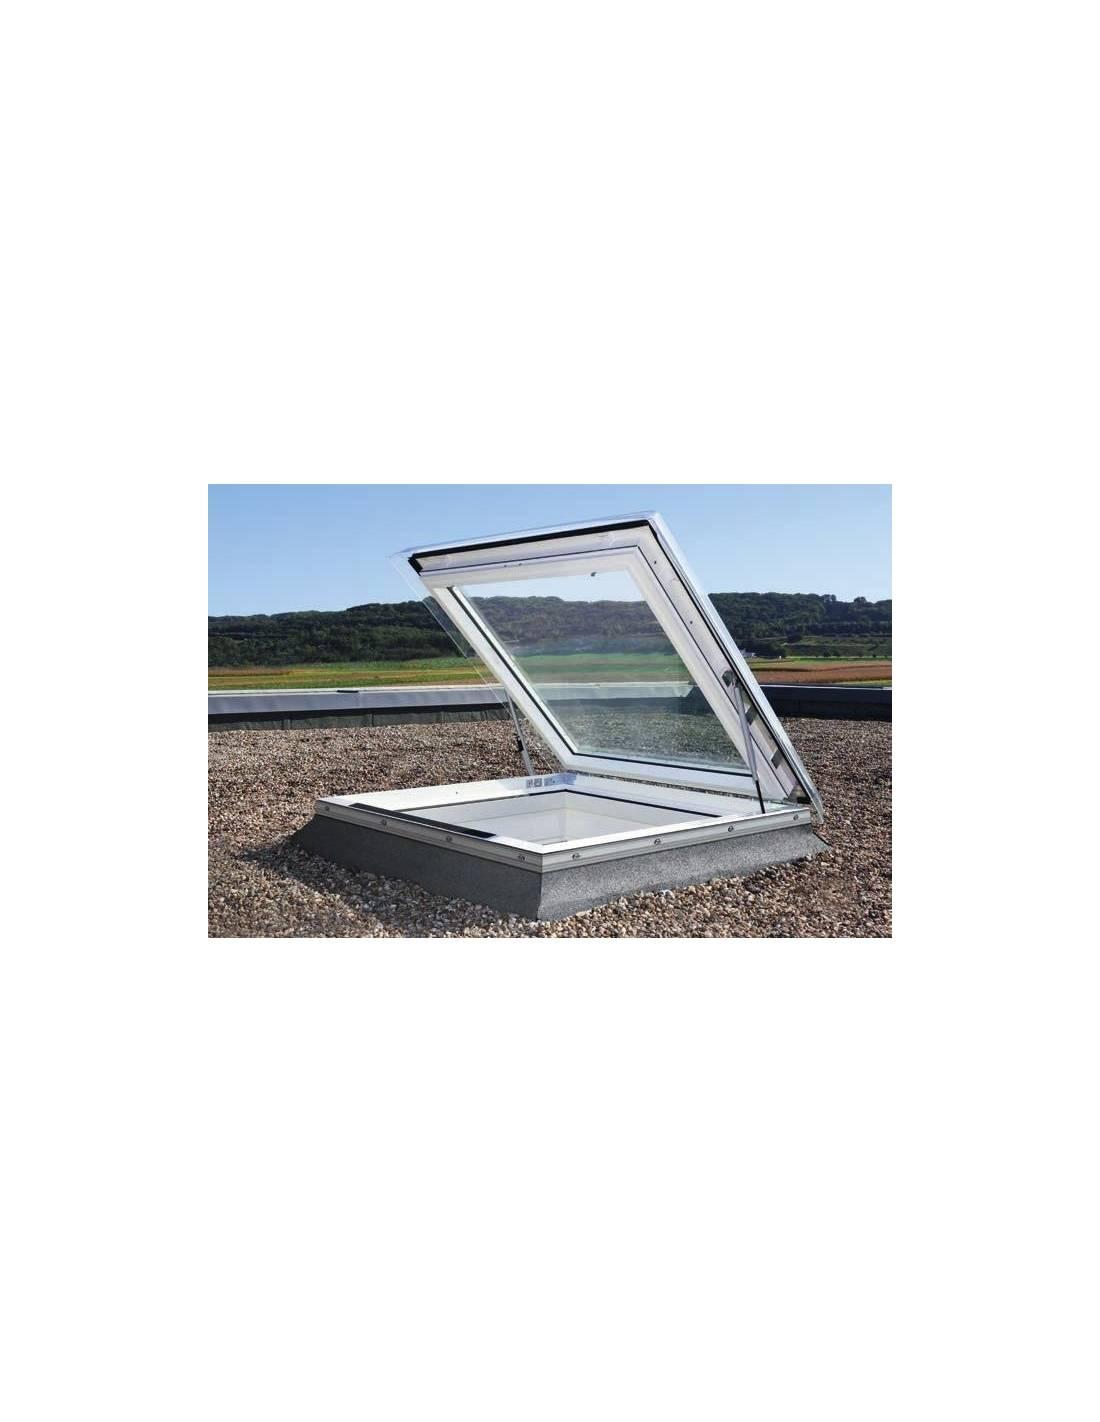 Velux cxp finestra cupolino per l accesso al tetto - Prezzi velux finestre per tetti ...